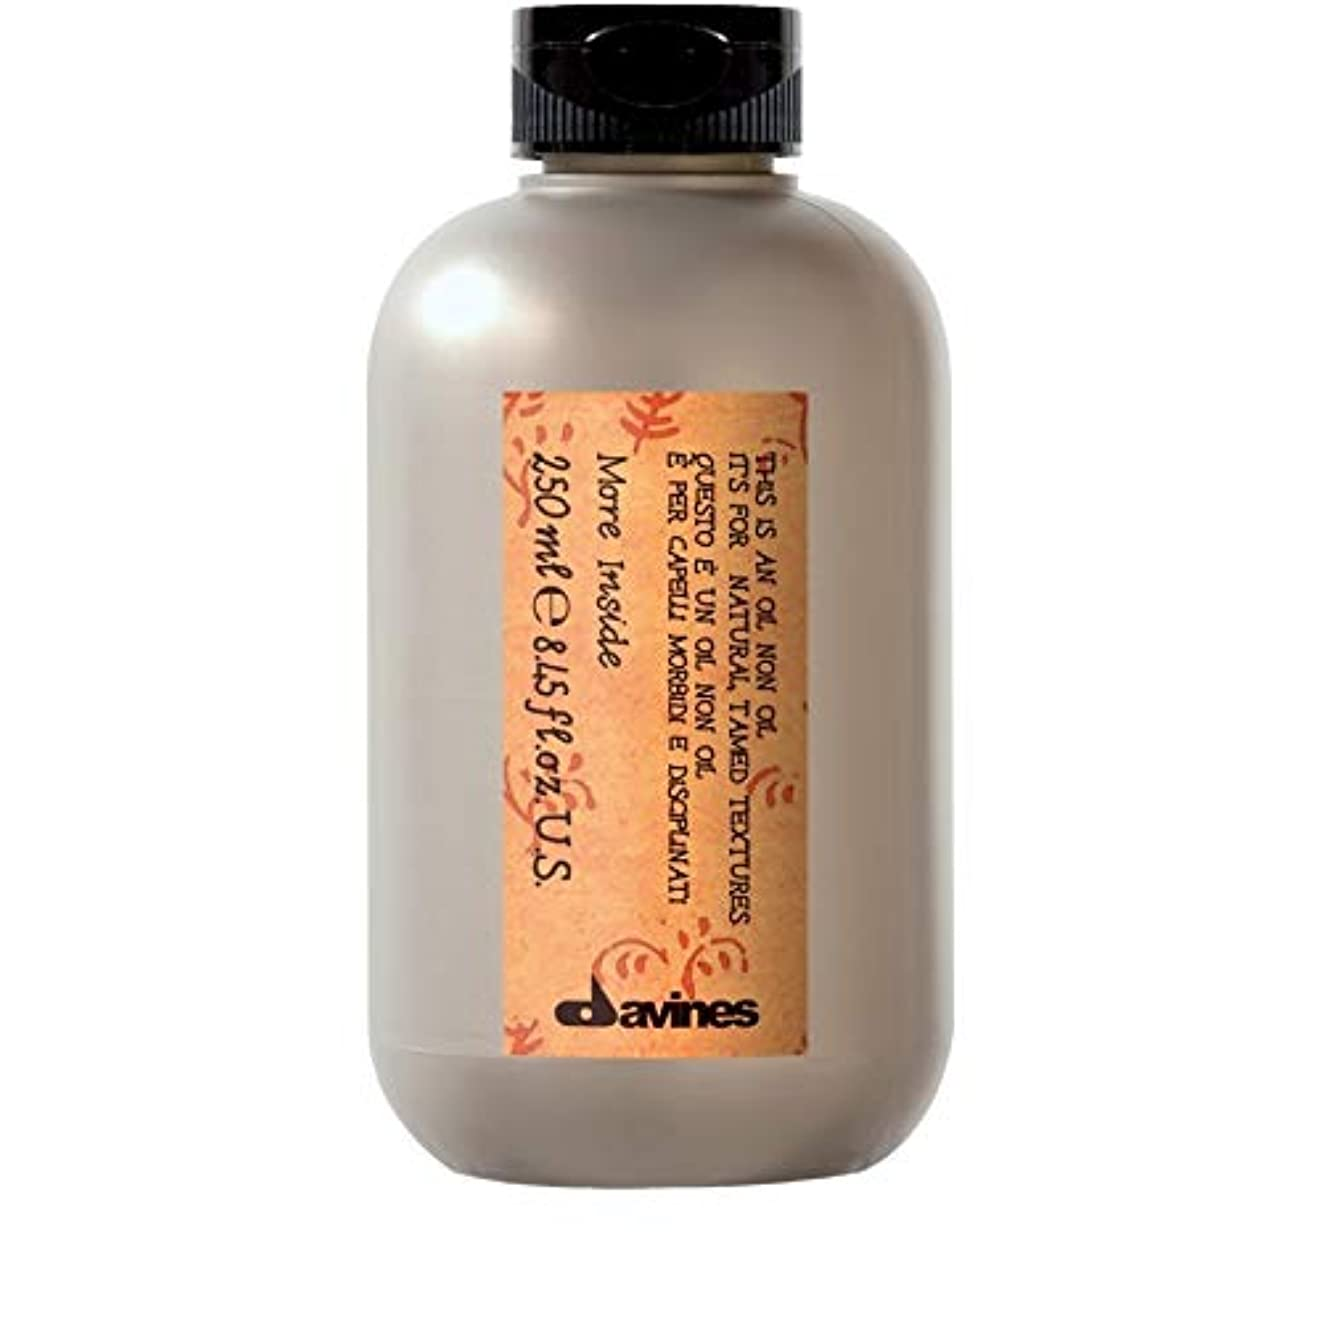 着飾るアンソロジー立場[Davines ] ダヴィネスオイル以外のオイル250ミリリットル - Davines Oil Non Oil 250ml [並行輸入品]